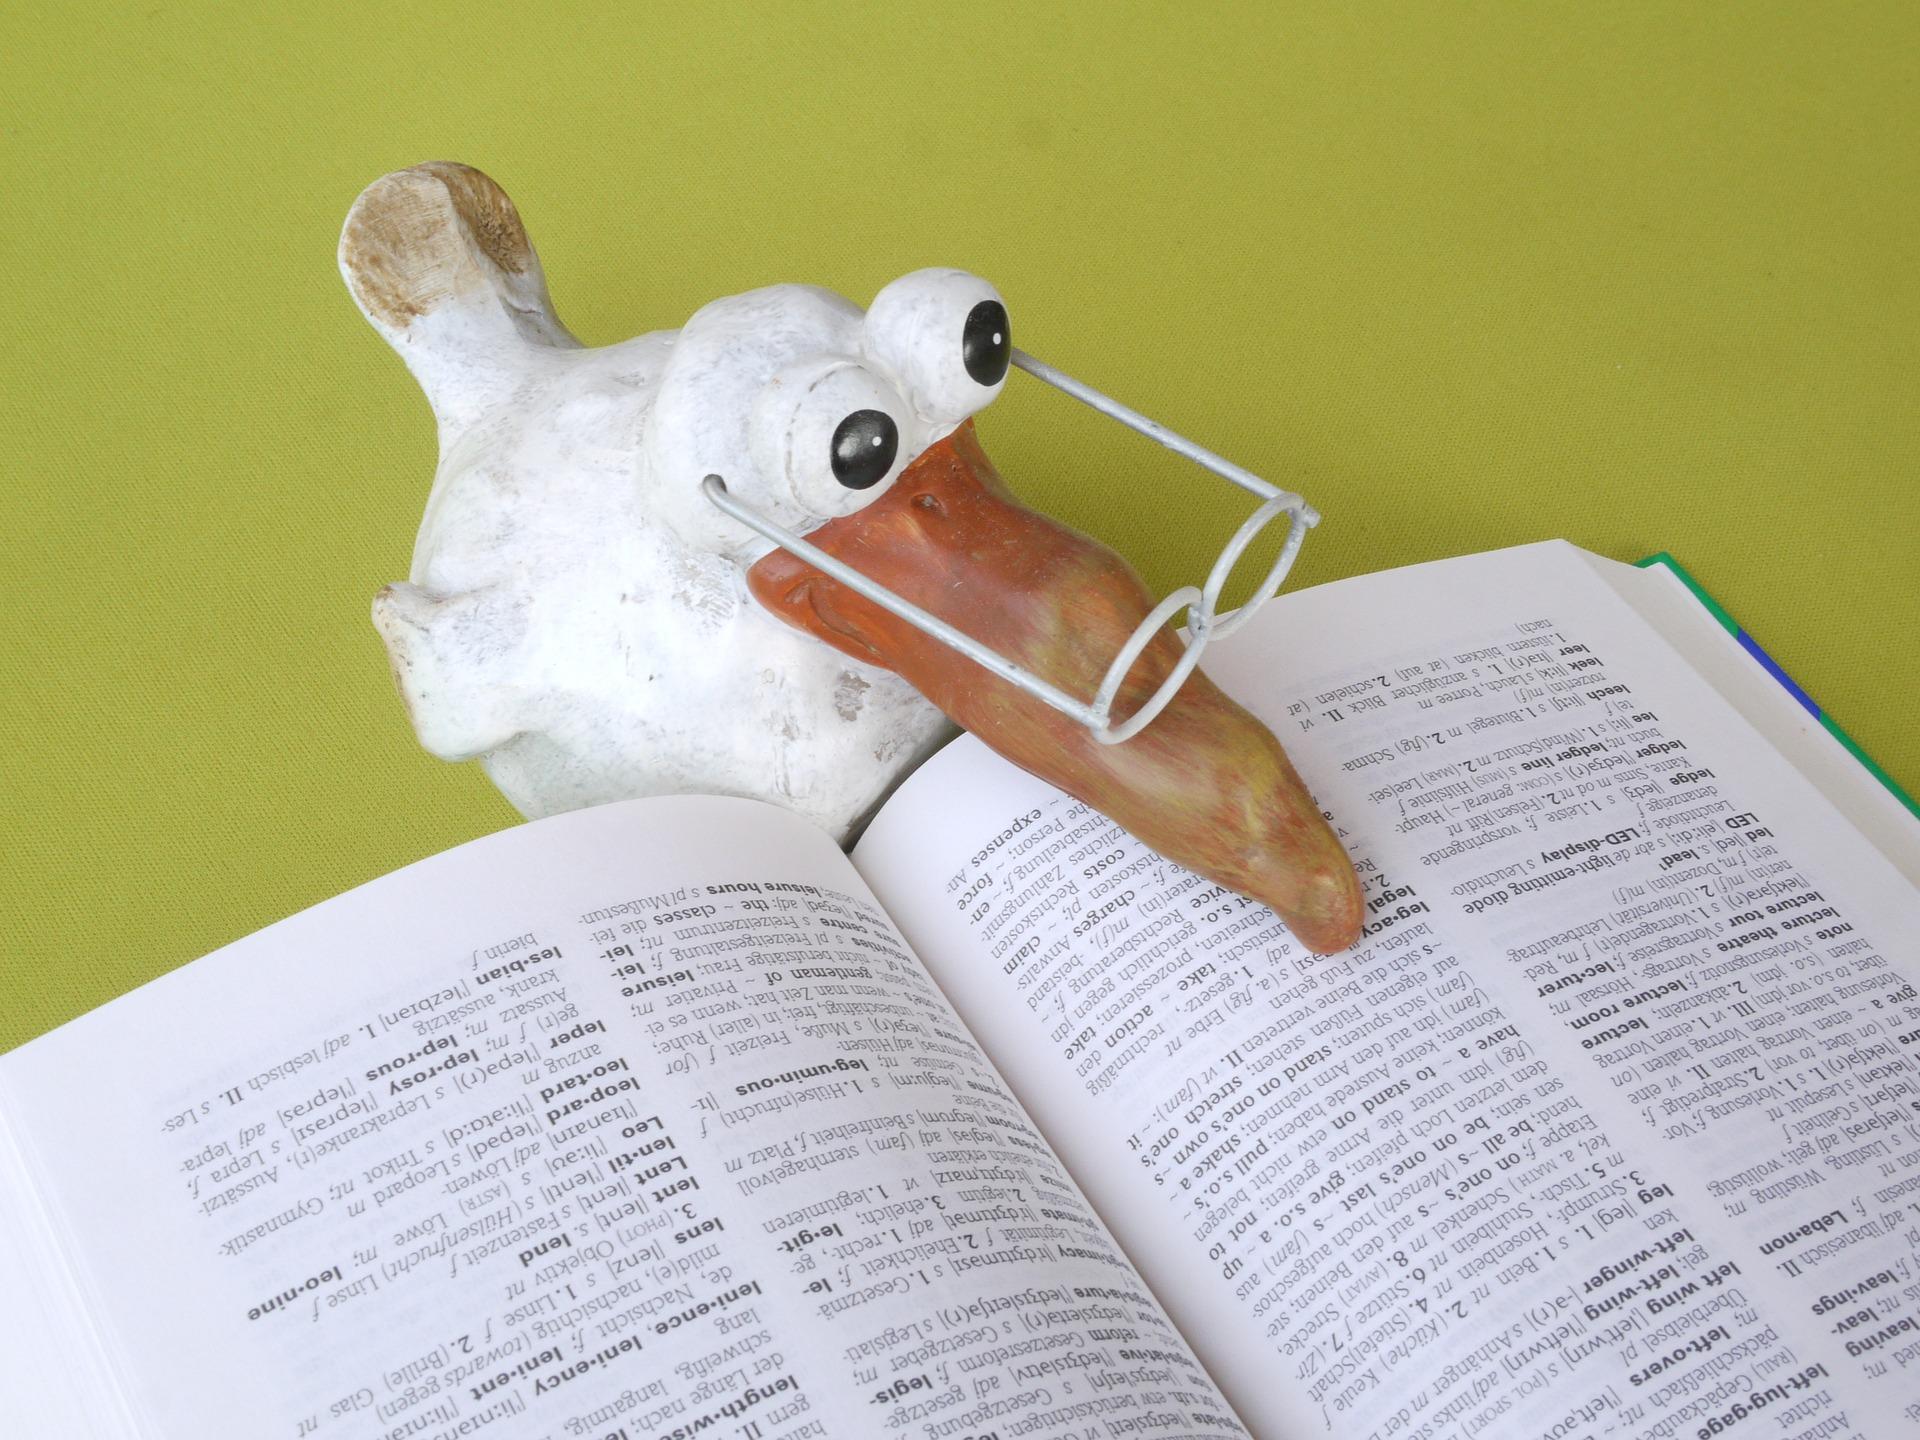 Vogel studiert